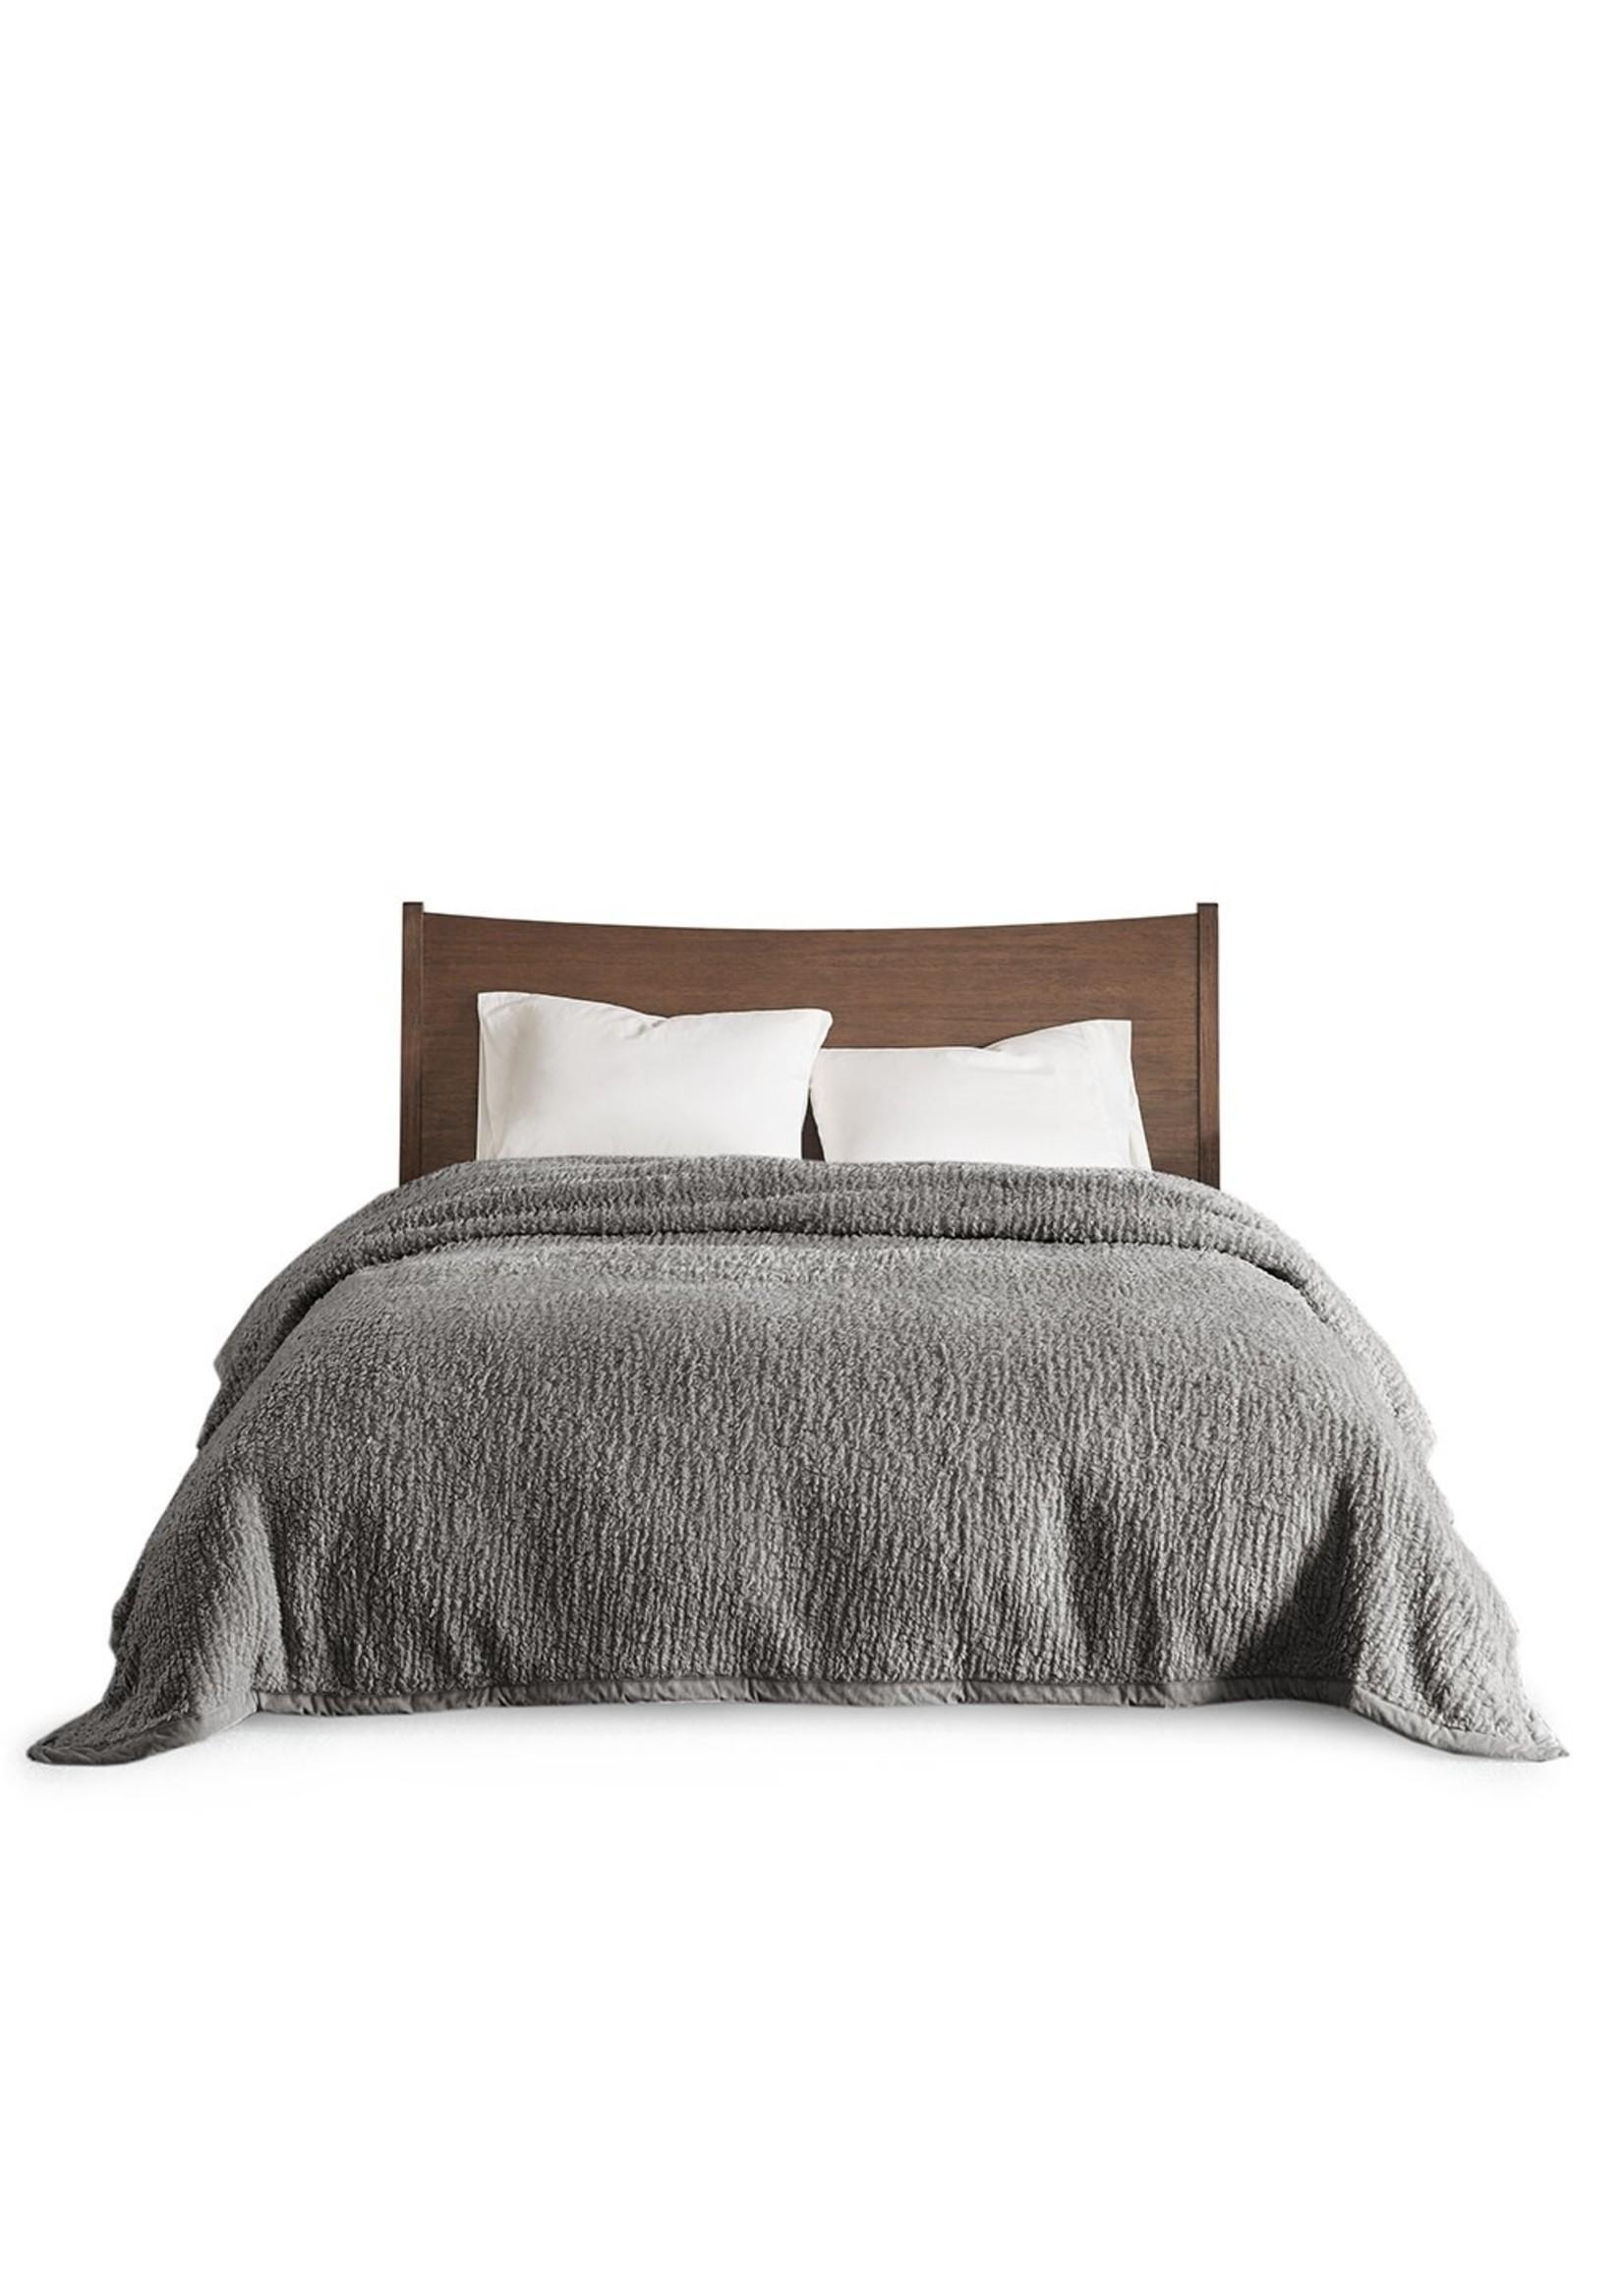 Olliix Grey Sherpa Blanket - Full/Queen